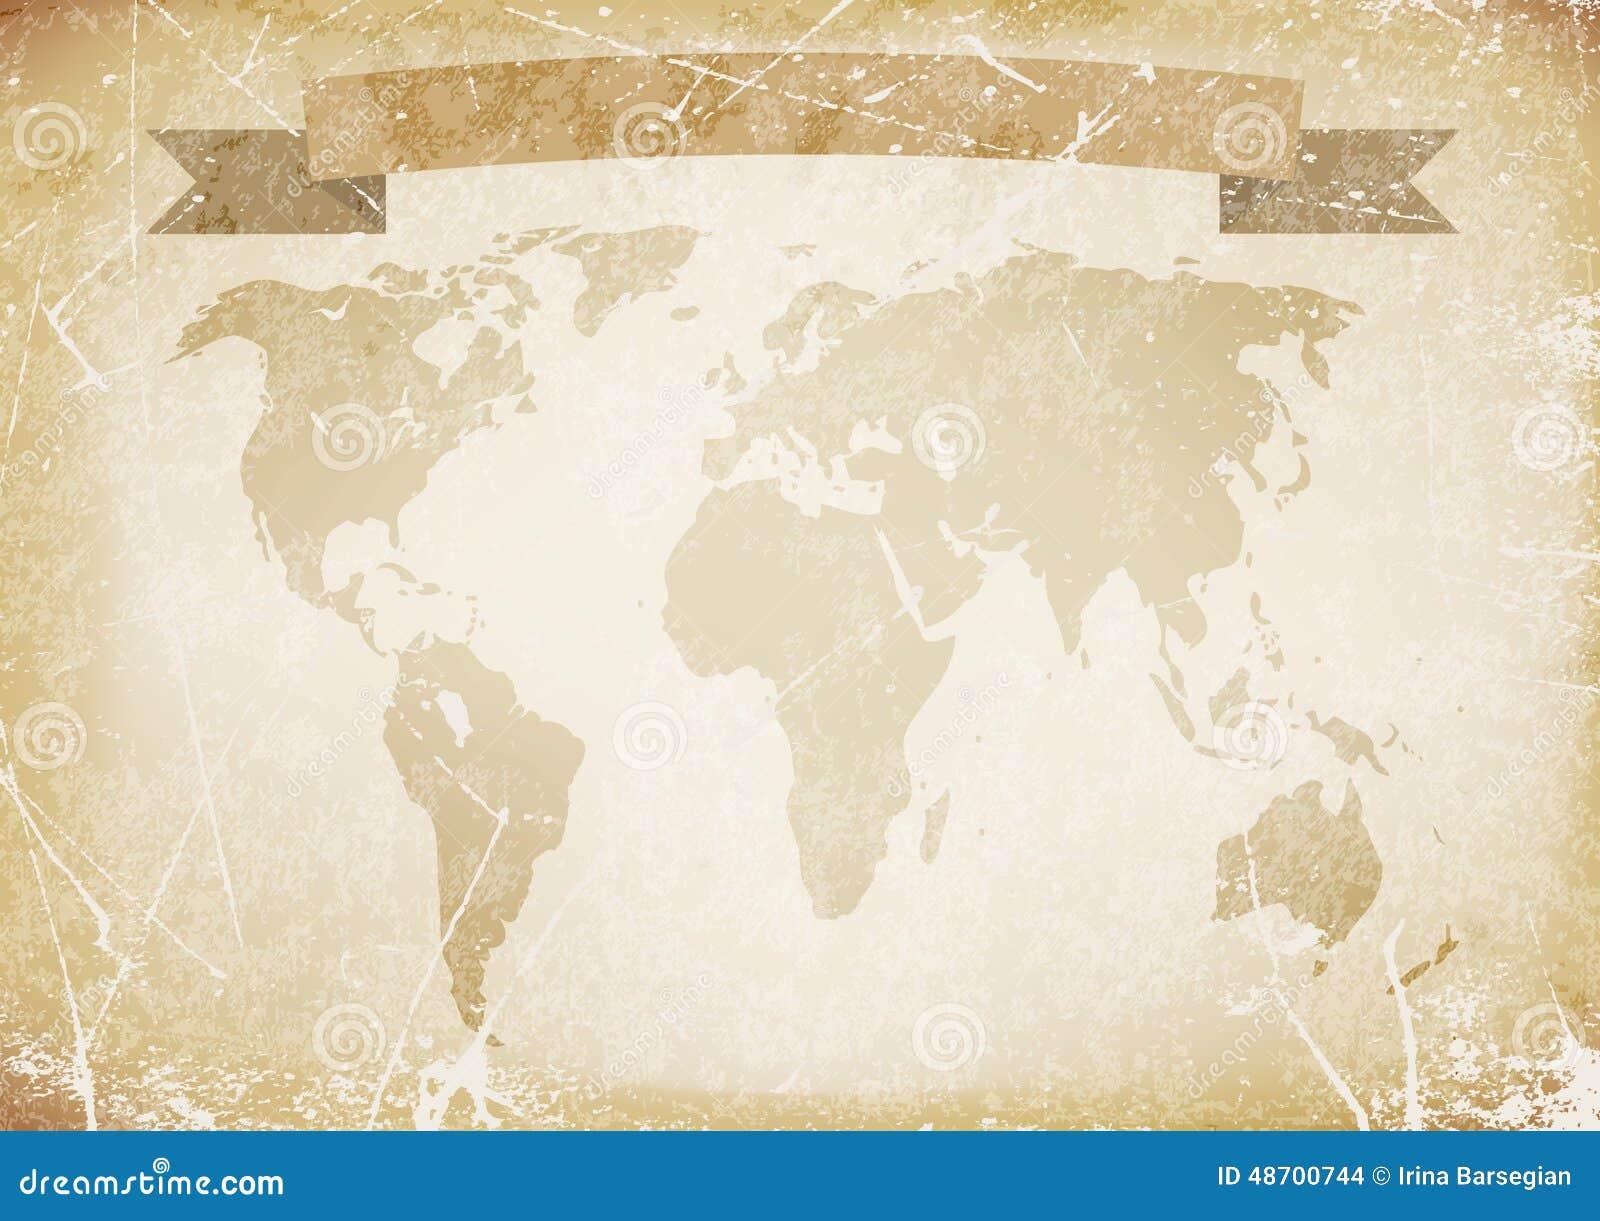 Altes Papier Des Hintergrundes Mit Wortkarte Fahne Abbildung Vektor